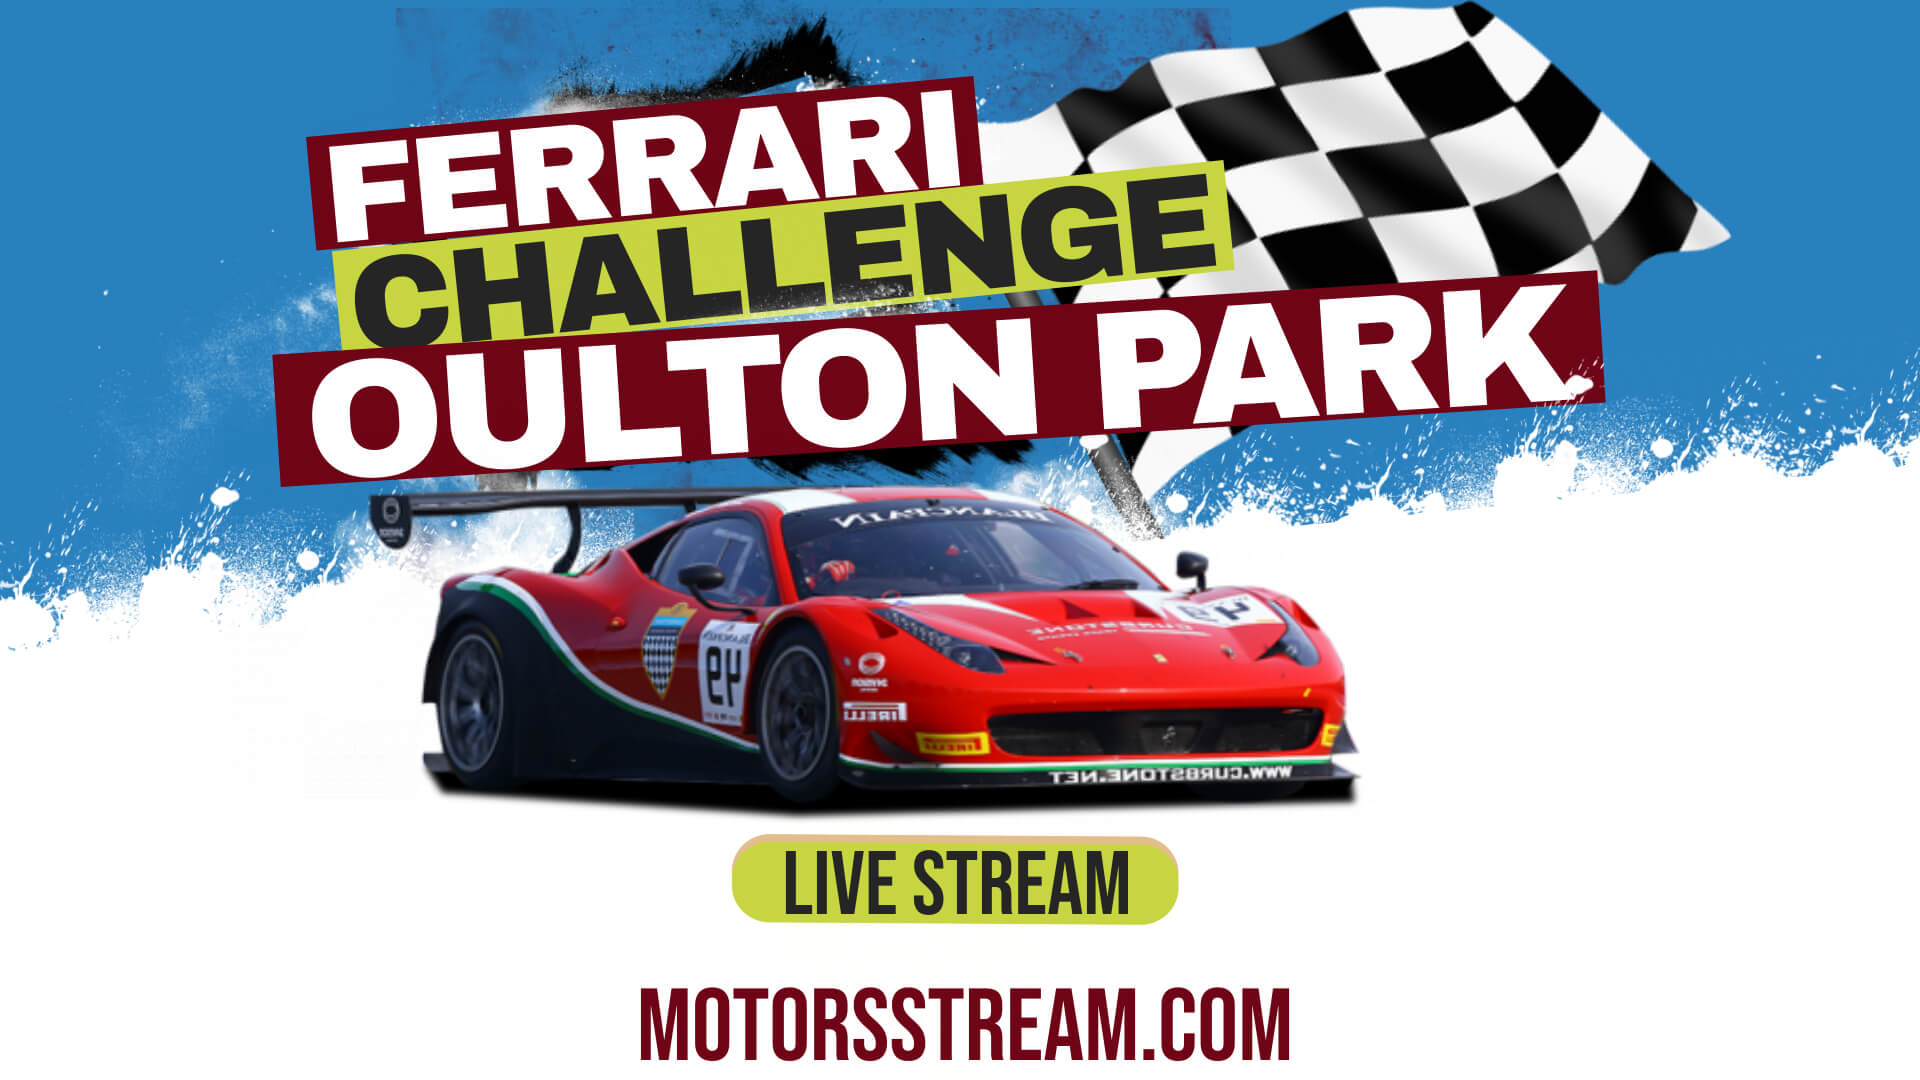 Oulton Park Ferrari Challenge Live Stream 2021 | UK